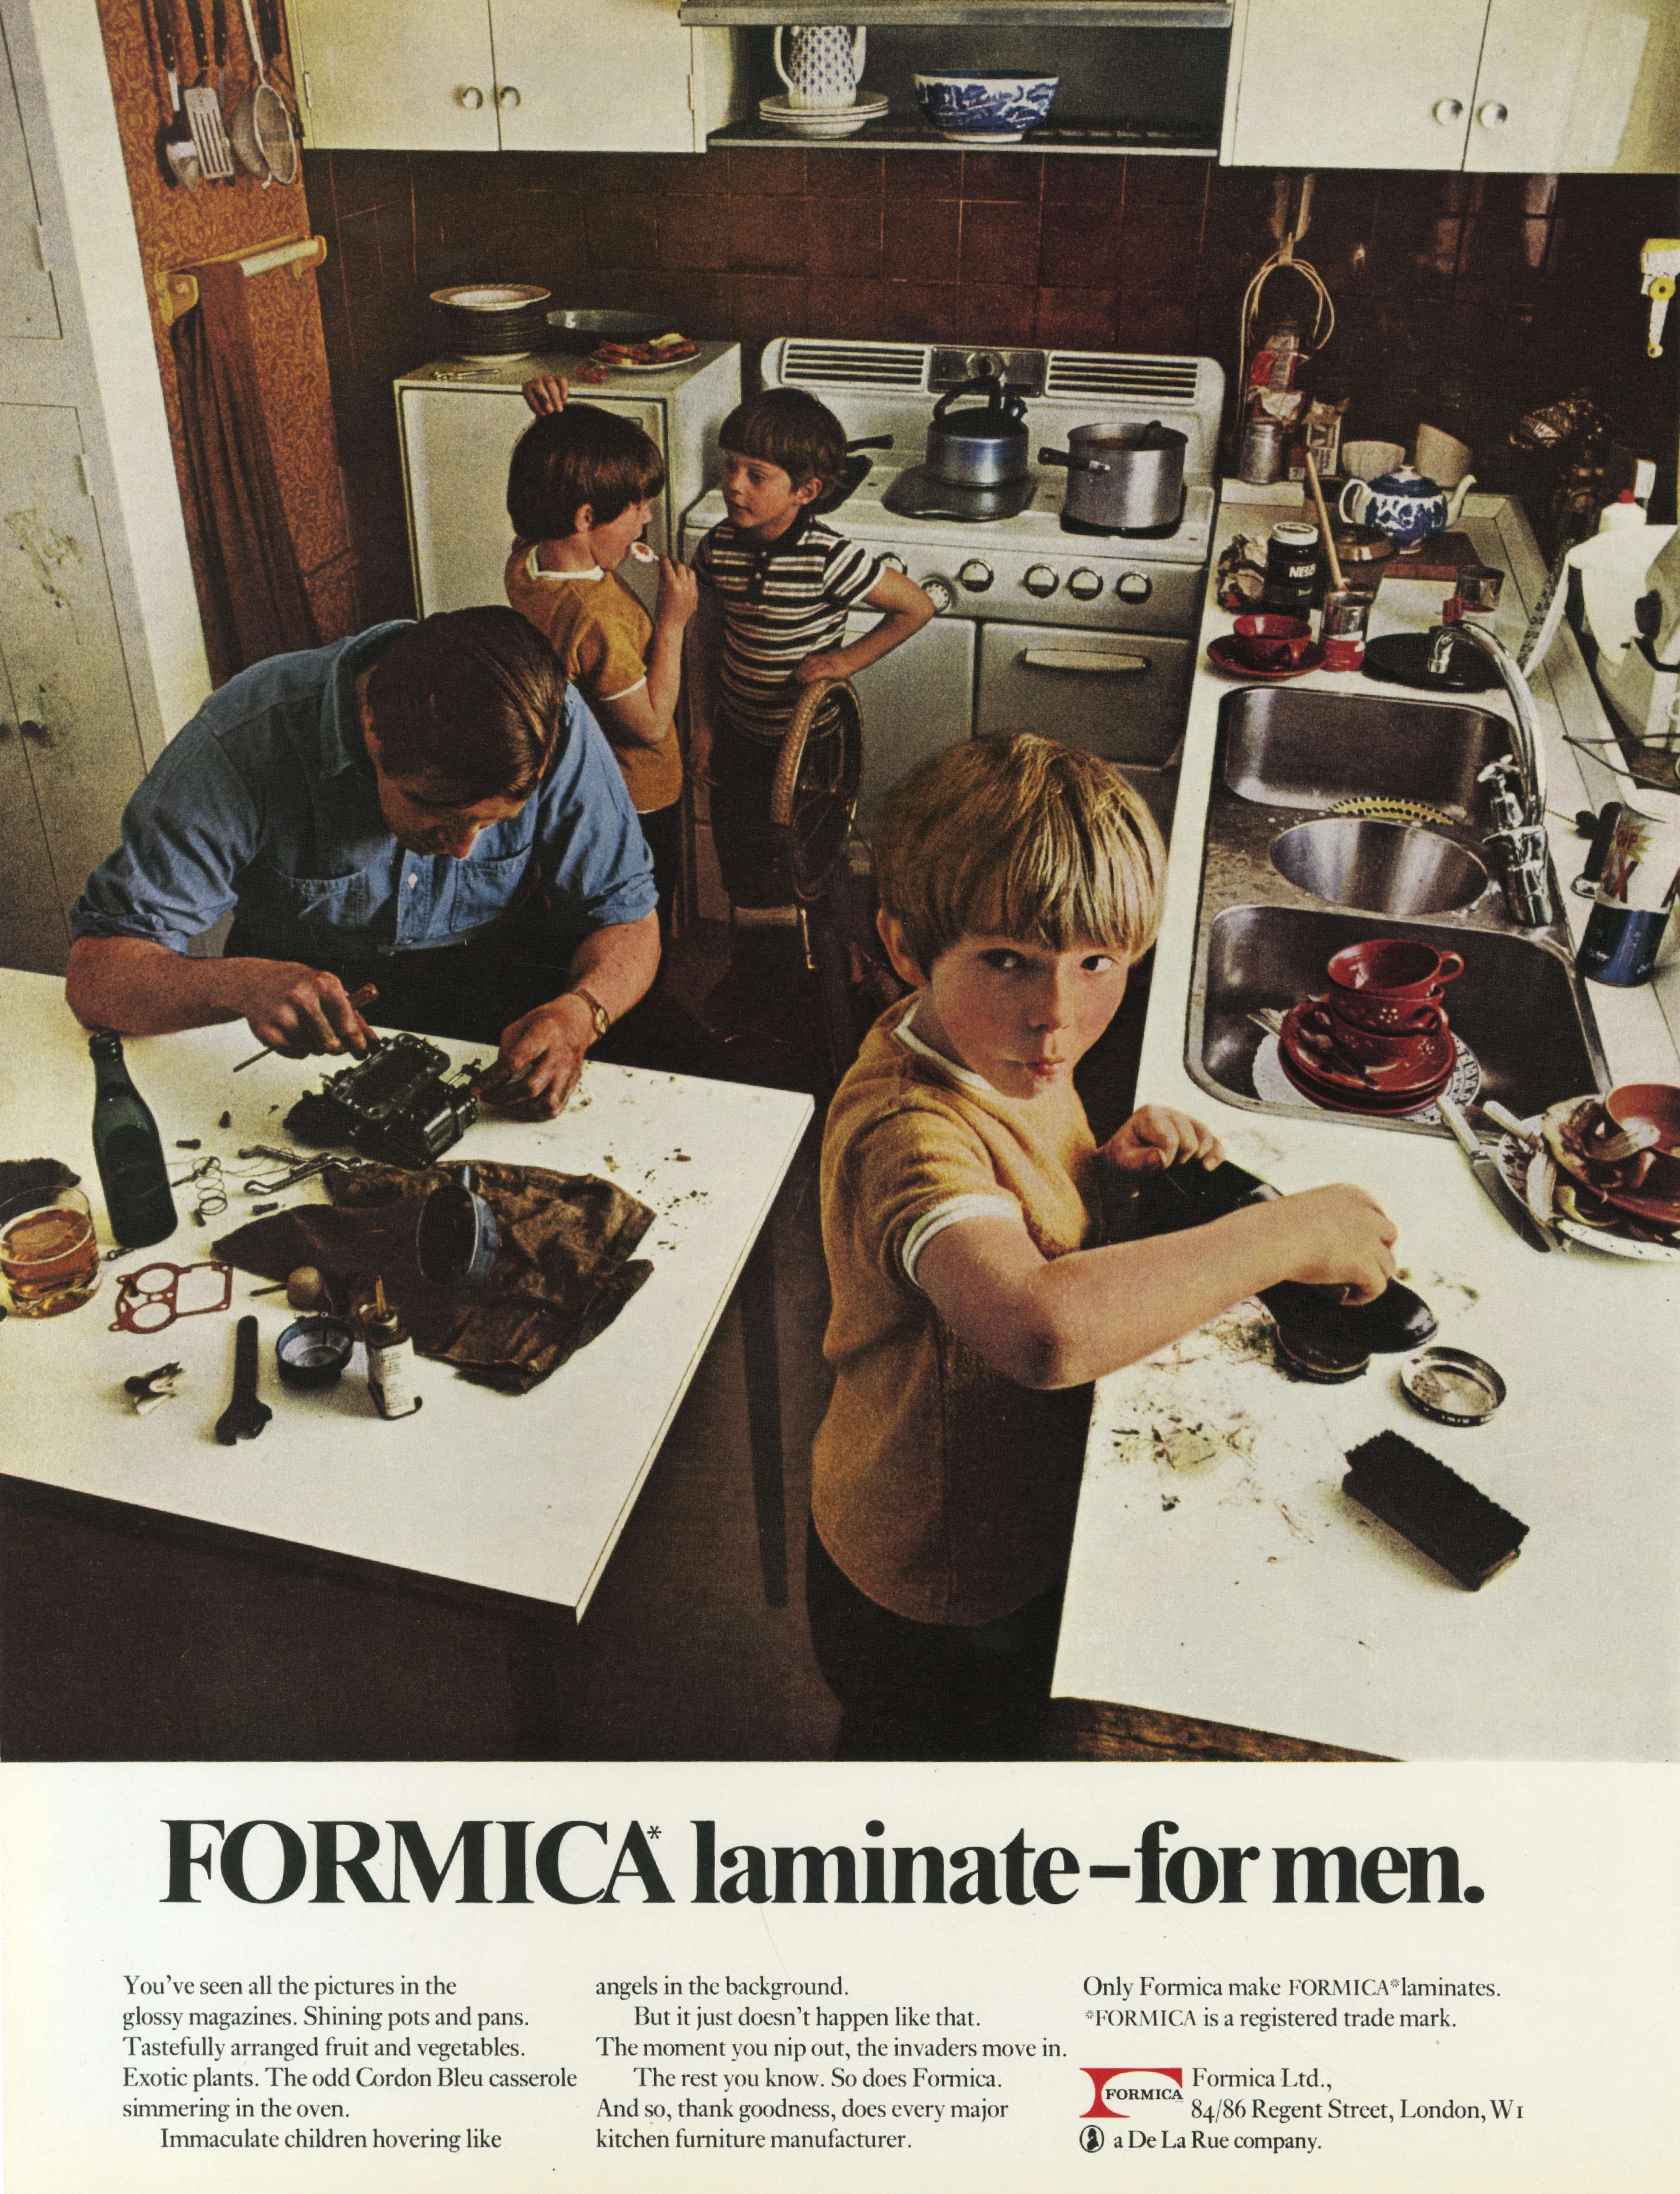 Formica 'For Men', David Holmes, KMP-01